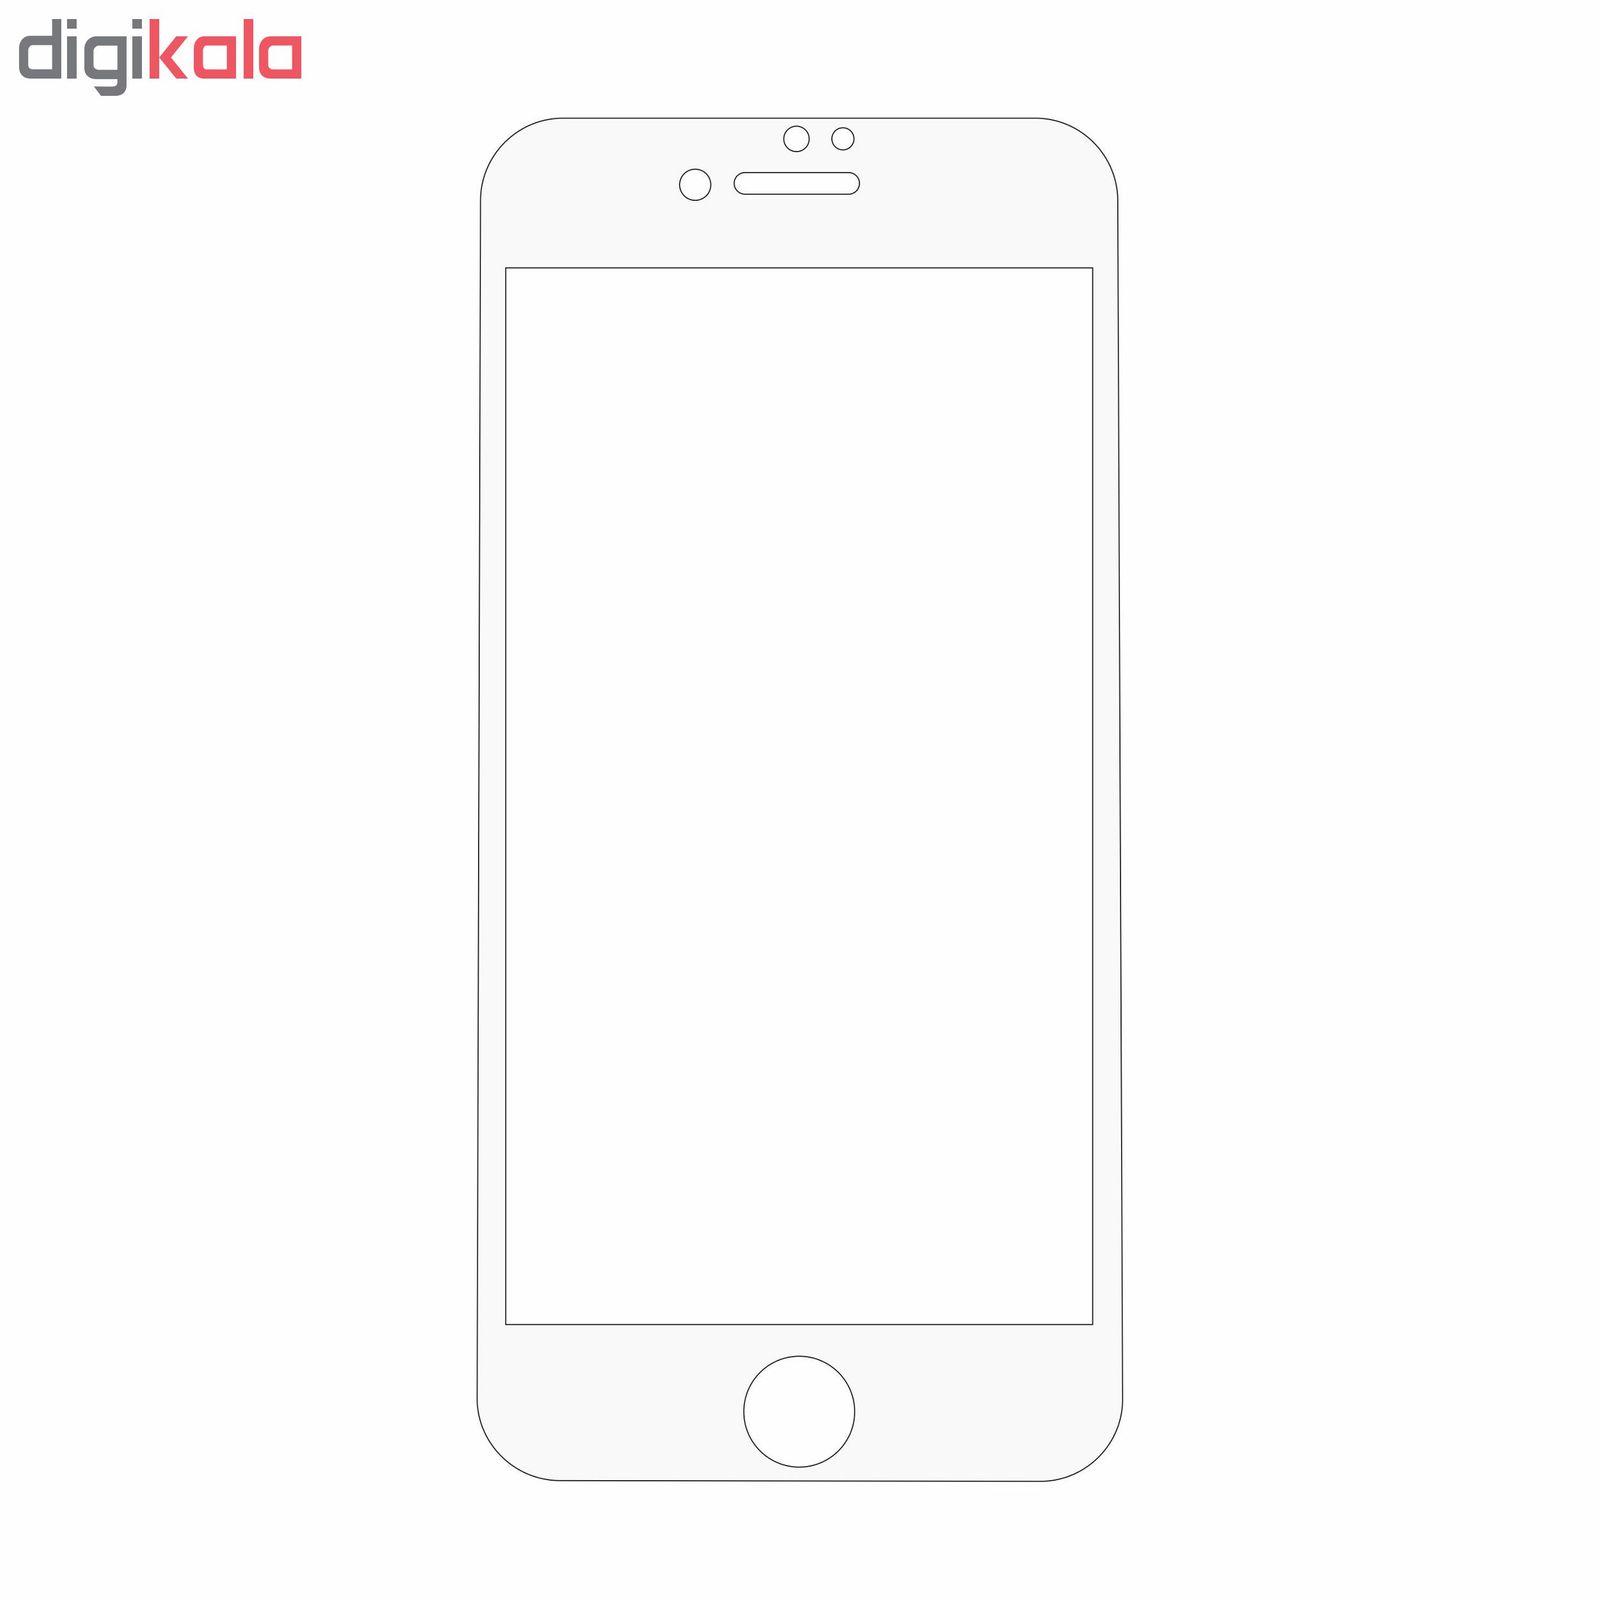 محافظ صفحه نمایش 5D مدل iPG8P01 مناسب  برای گوشی موبایل اپل IPhone 7 plus/8 plus  main 1 2